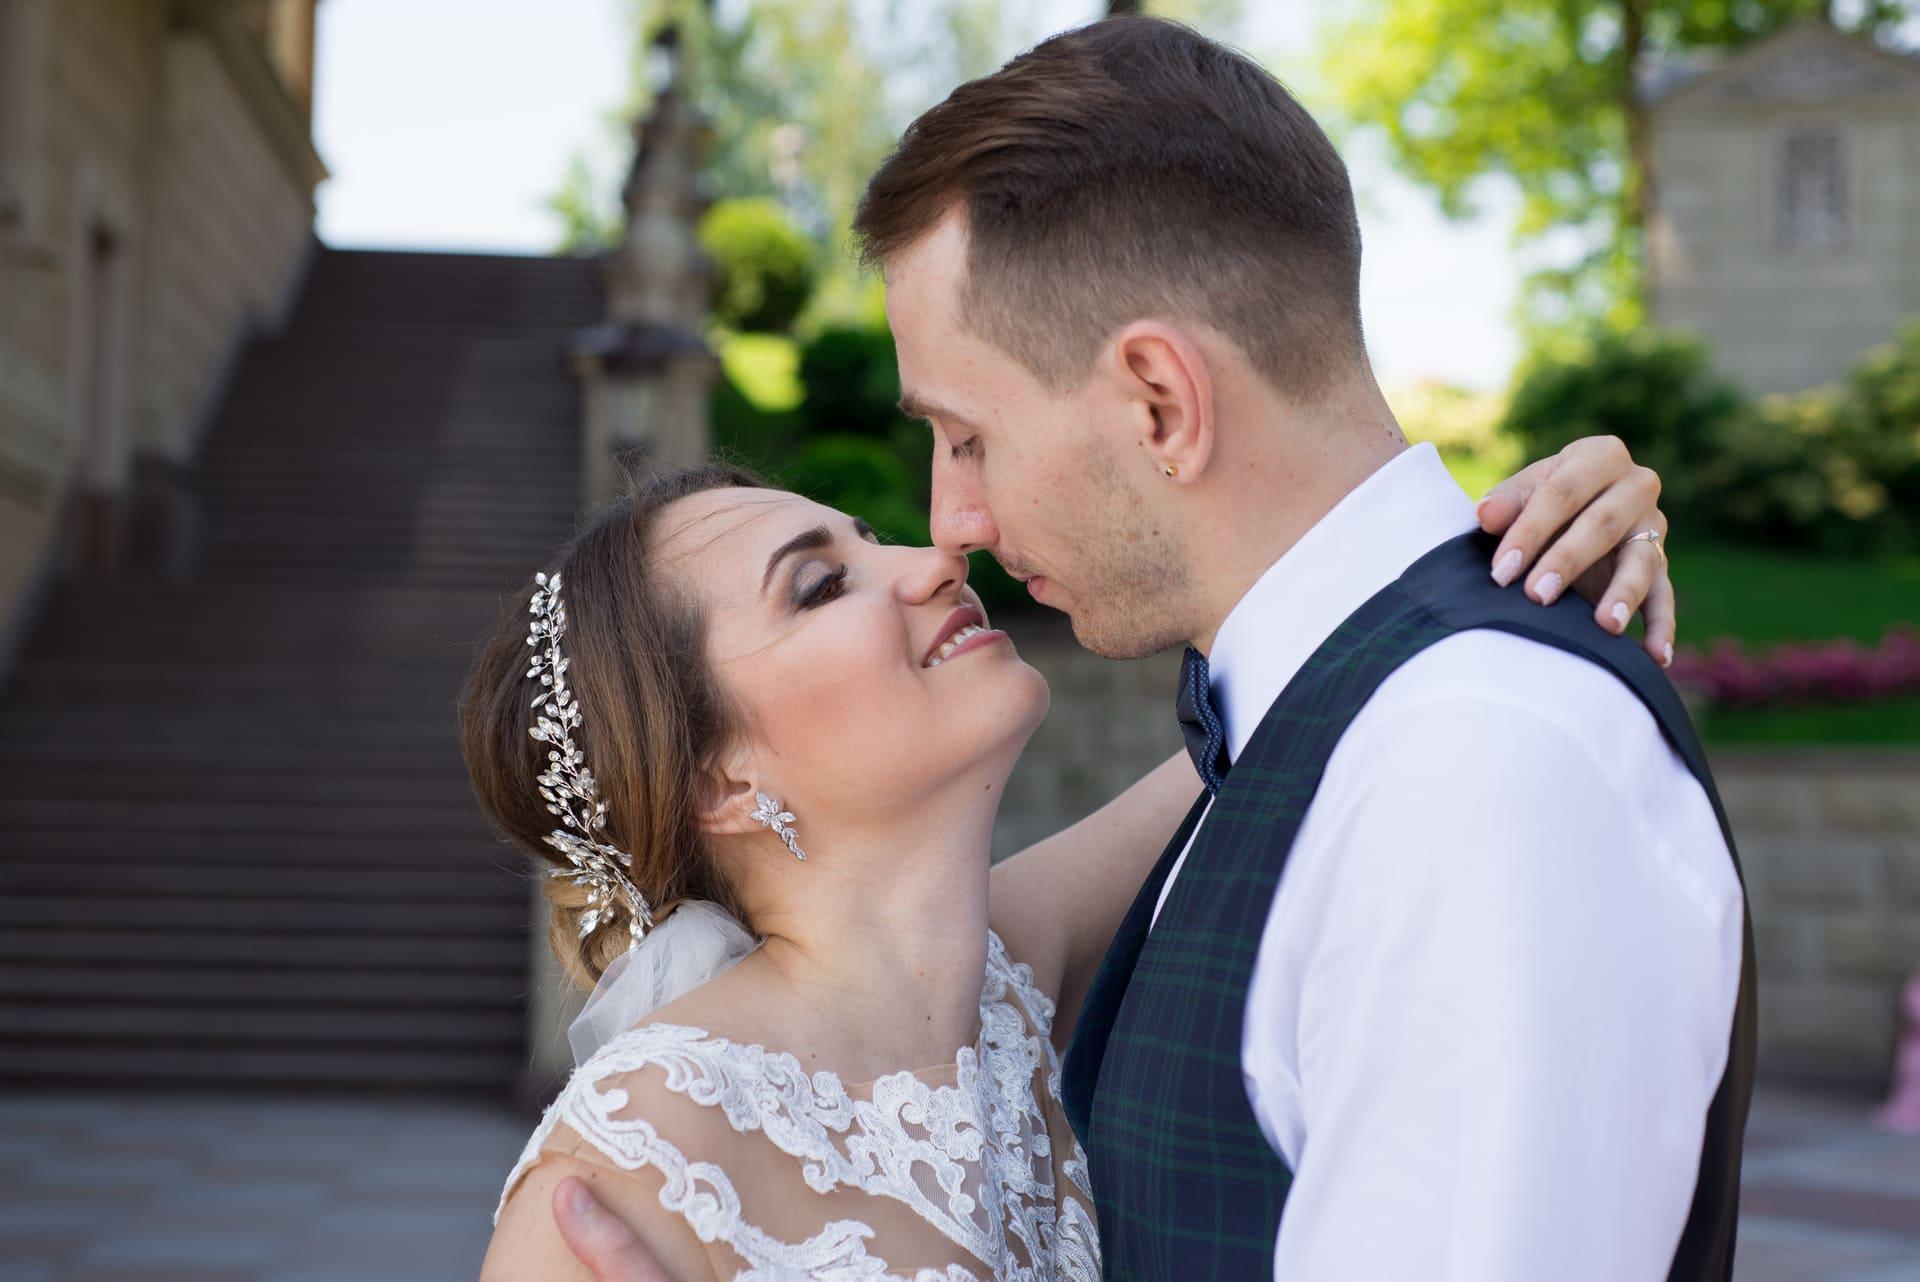 Свадебная фотосессия в Межигорье: Невеста обняла своего любимого